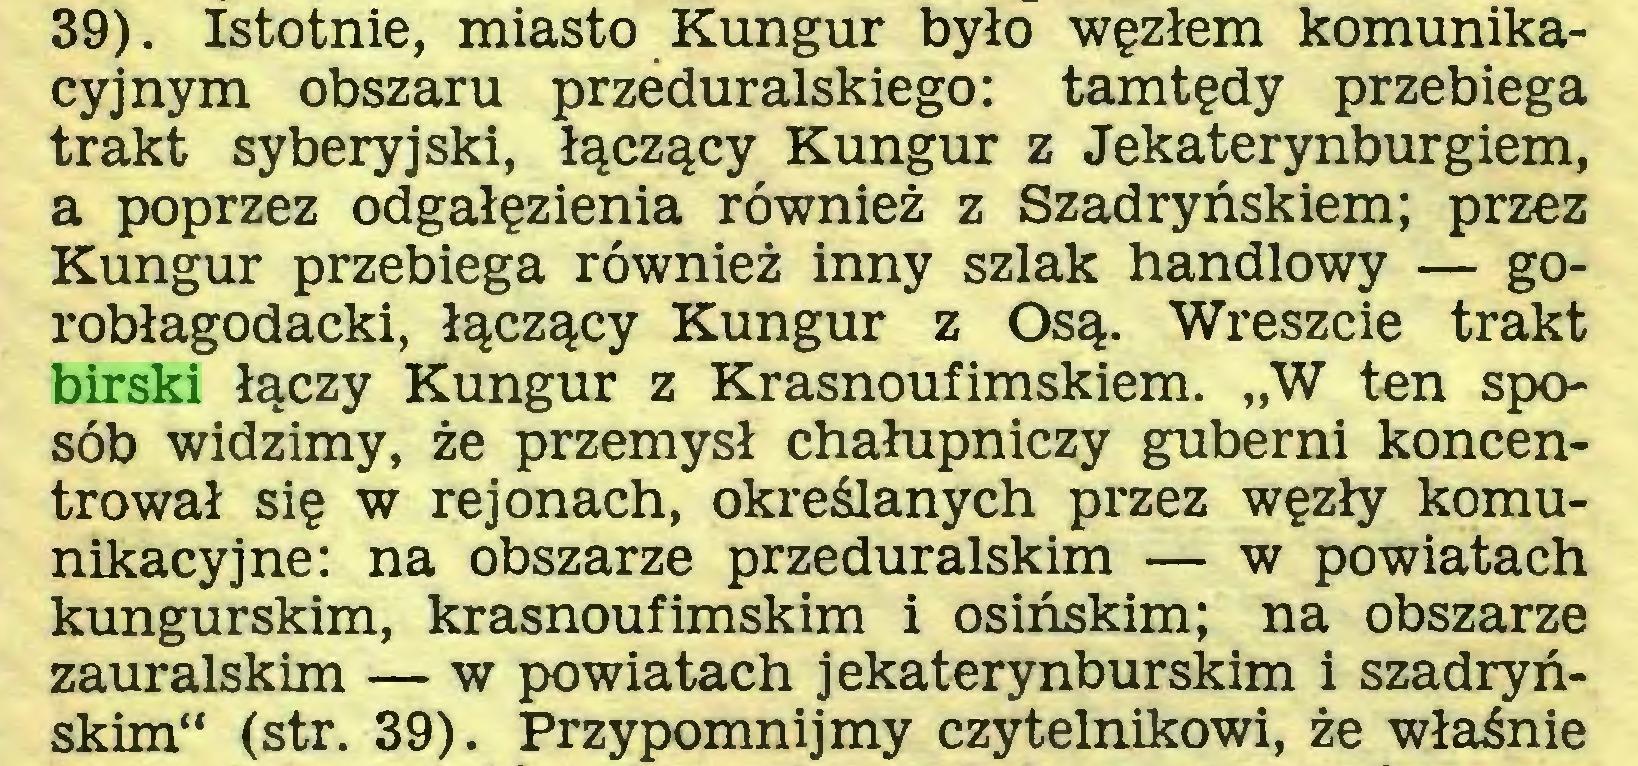 """(...) 39). Istotnie, miasto Kungur było węzłem komunikacyjnym obszaru przeduralskiego: tamtędy przebiega trakt syberyjski, łączący Kungur z Jekaterynburgiem, a poprzez odgałęzienia również z Szadryńskiem; przez Kungur przebiega również inny szlak handlowy — gorobłagodacki, łączący Kungur z Osą. Wreszcie trakt birski łączy Kungur z Krasnoufimskiem. """"W ten sposób widzimy, że przemysł chałupniczy guberni koncentrował się w rejonach, określanych przez węzły komunikacyjne: na obszarze przeduralskim — w powiatach kungurskim, krasnoufimskim i osińskim; na obszarze zauralskim — w powiatach j ekaterynburskim i szadryńskim"""" (str. 39). Przypomnijmy czytelnikowi, że właśnie..."""